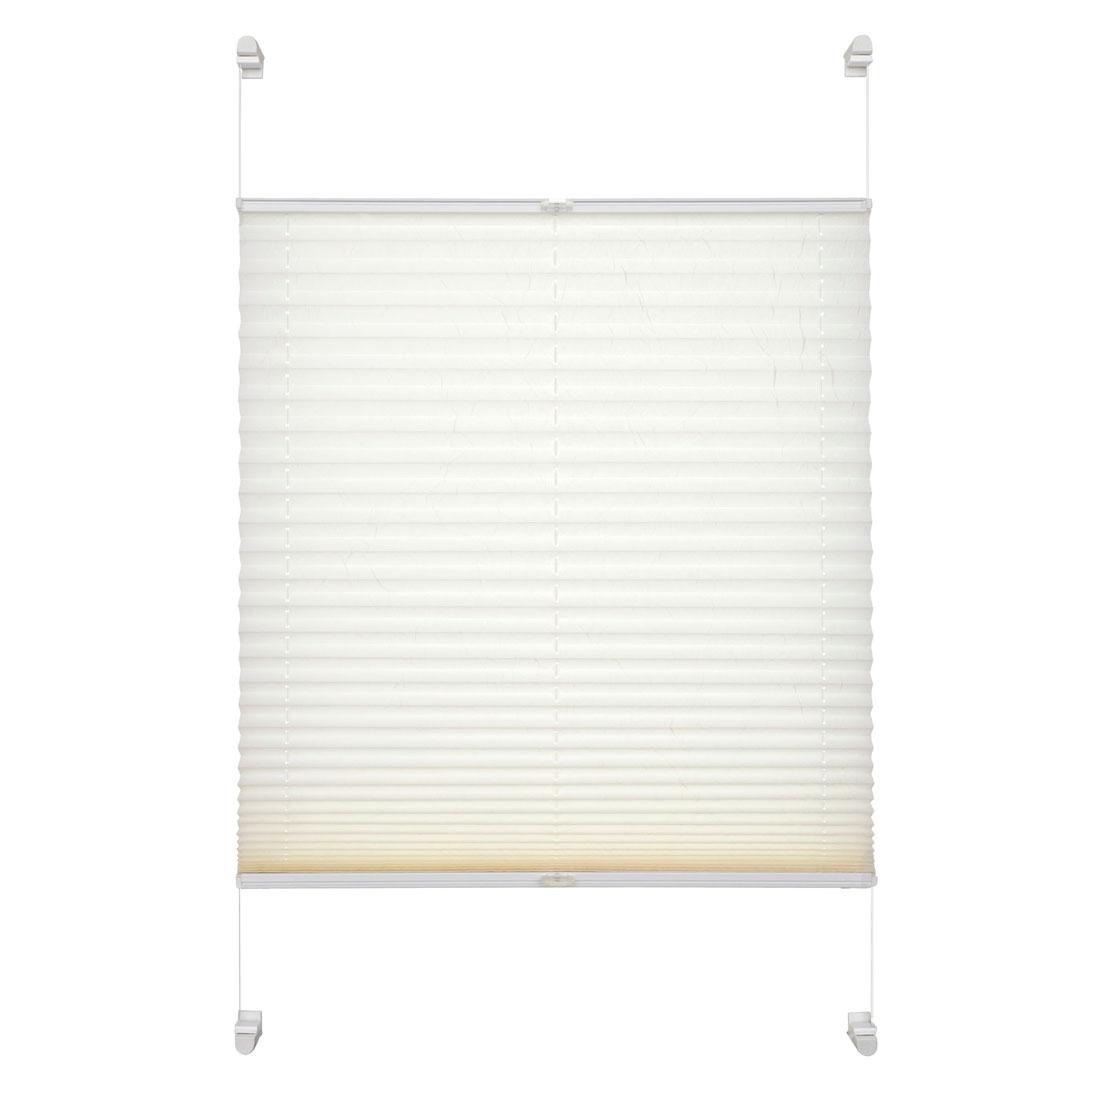 SCHÖNER WOHNEN-Fensterdekoration